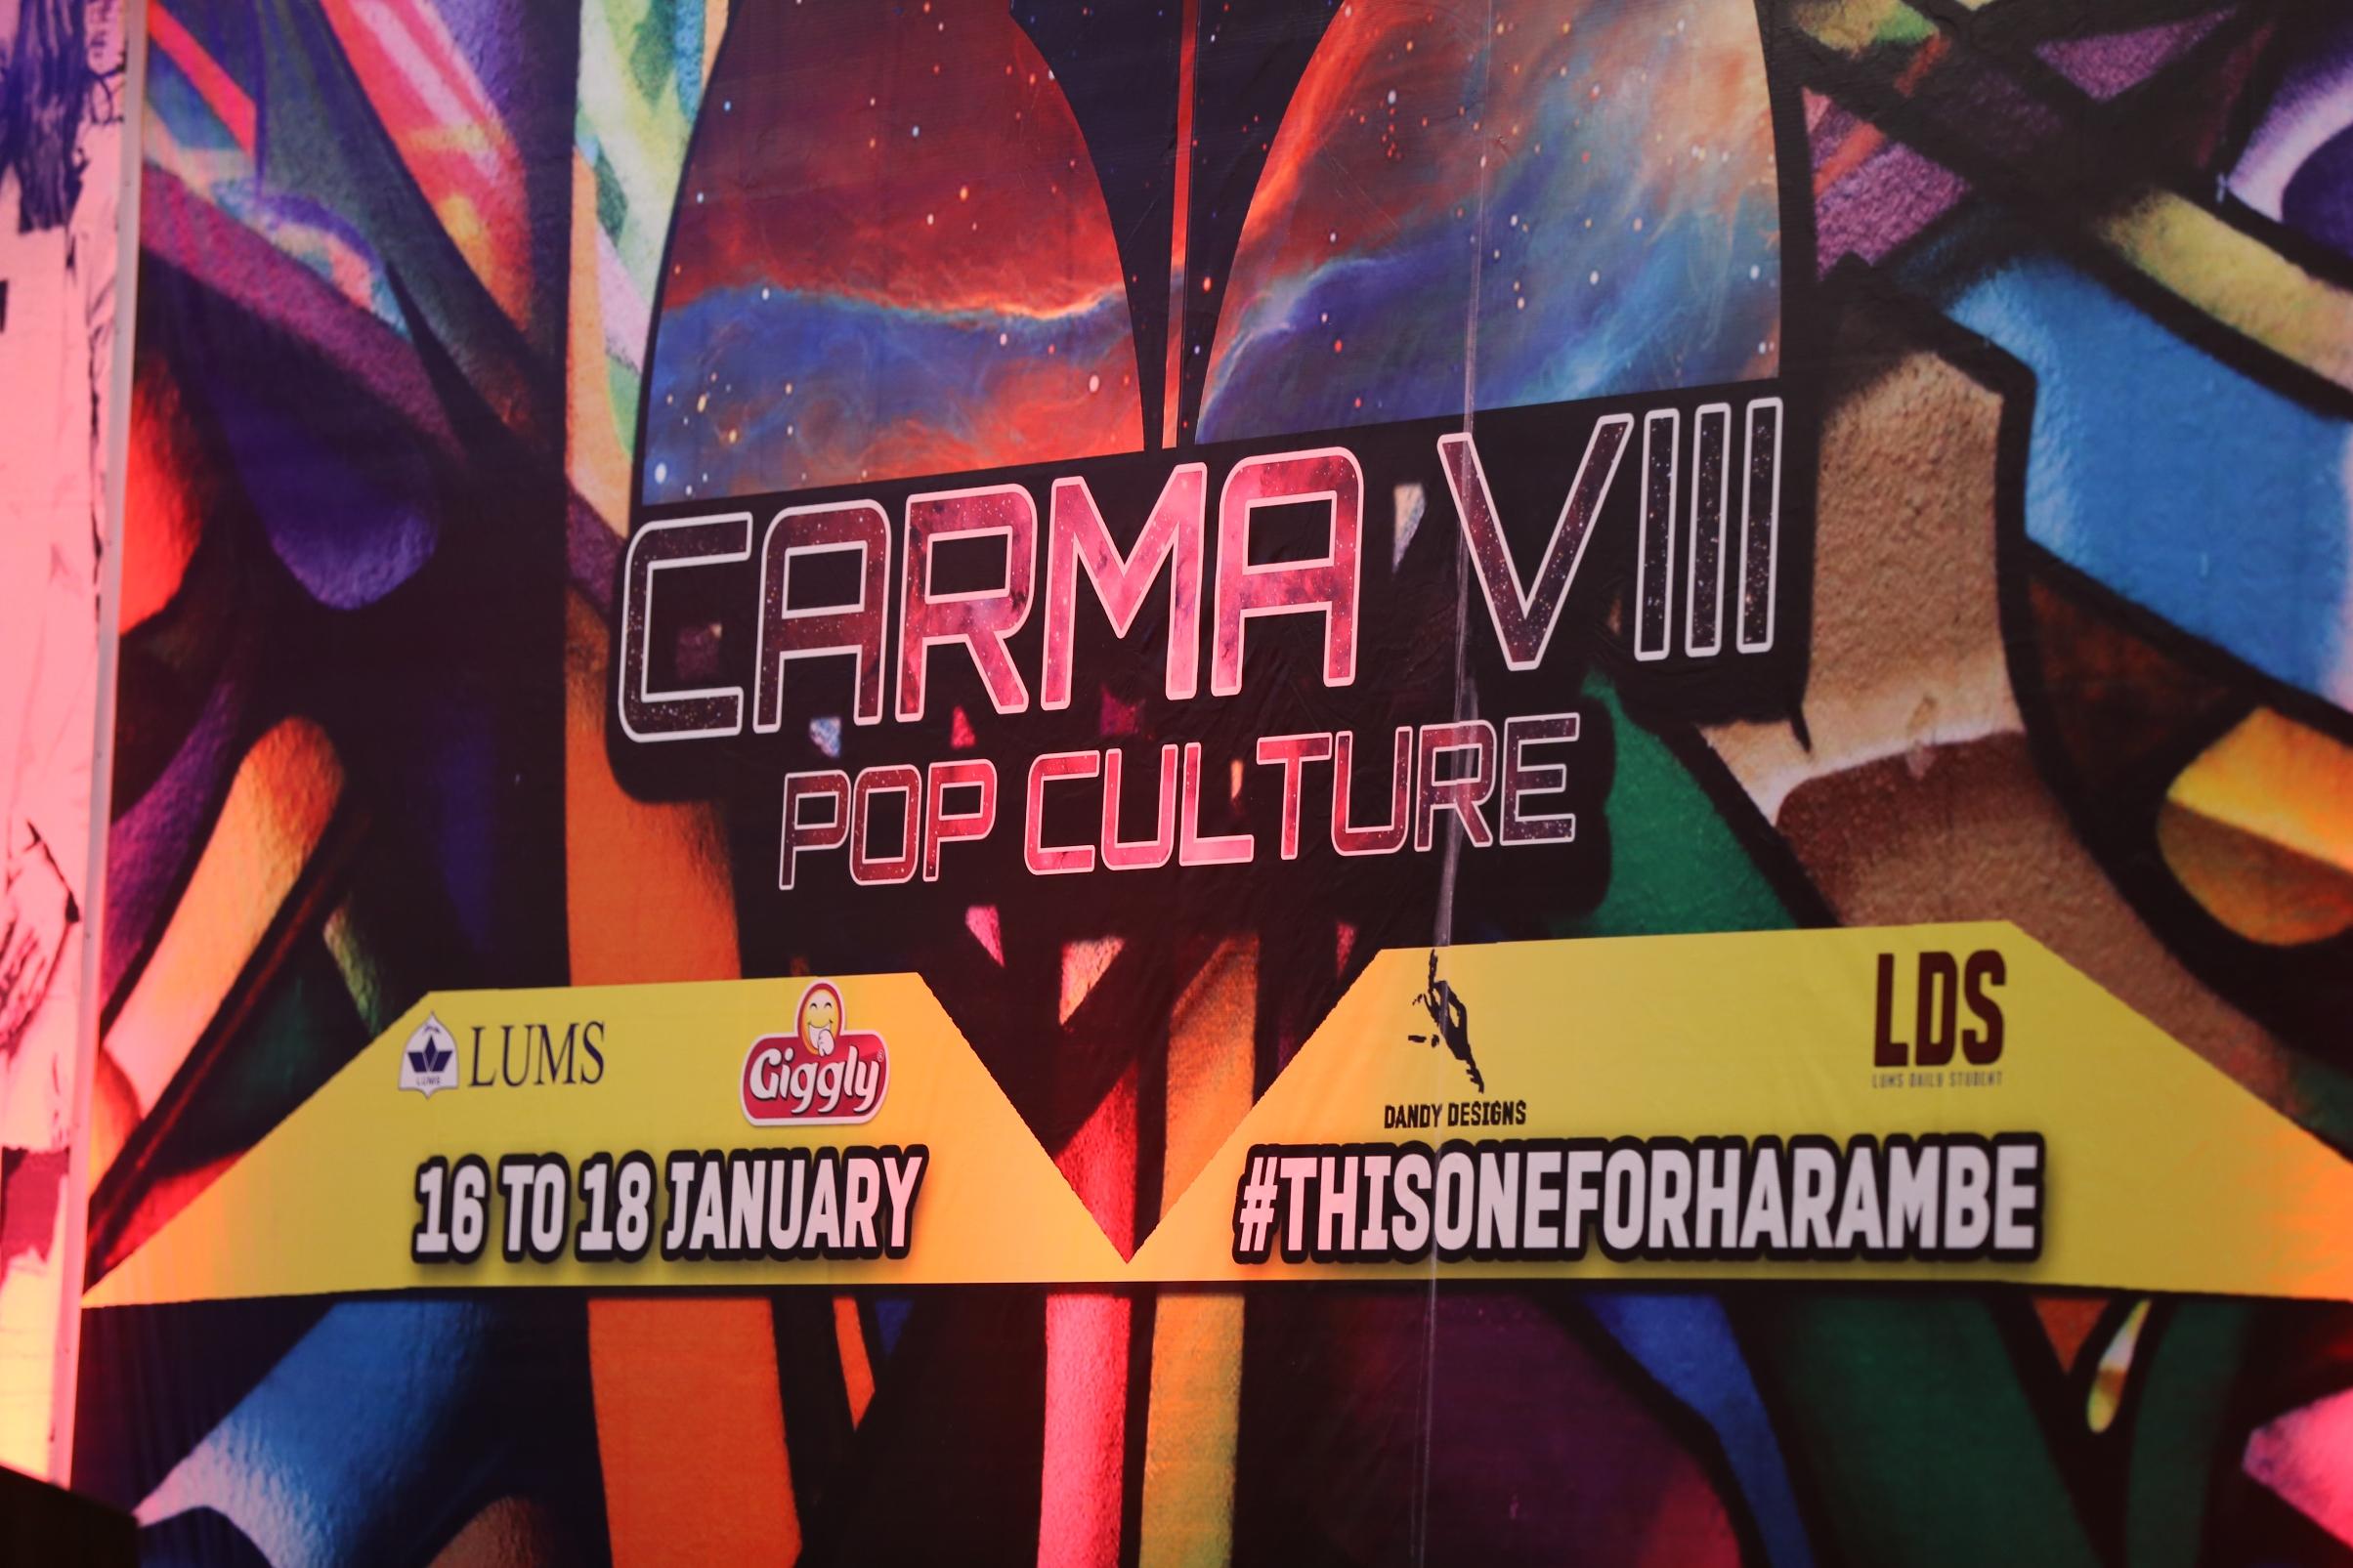 carma-viii-pop-culture